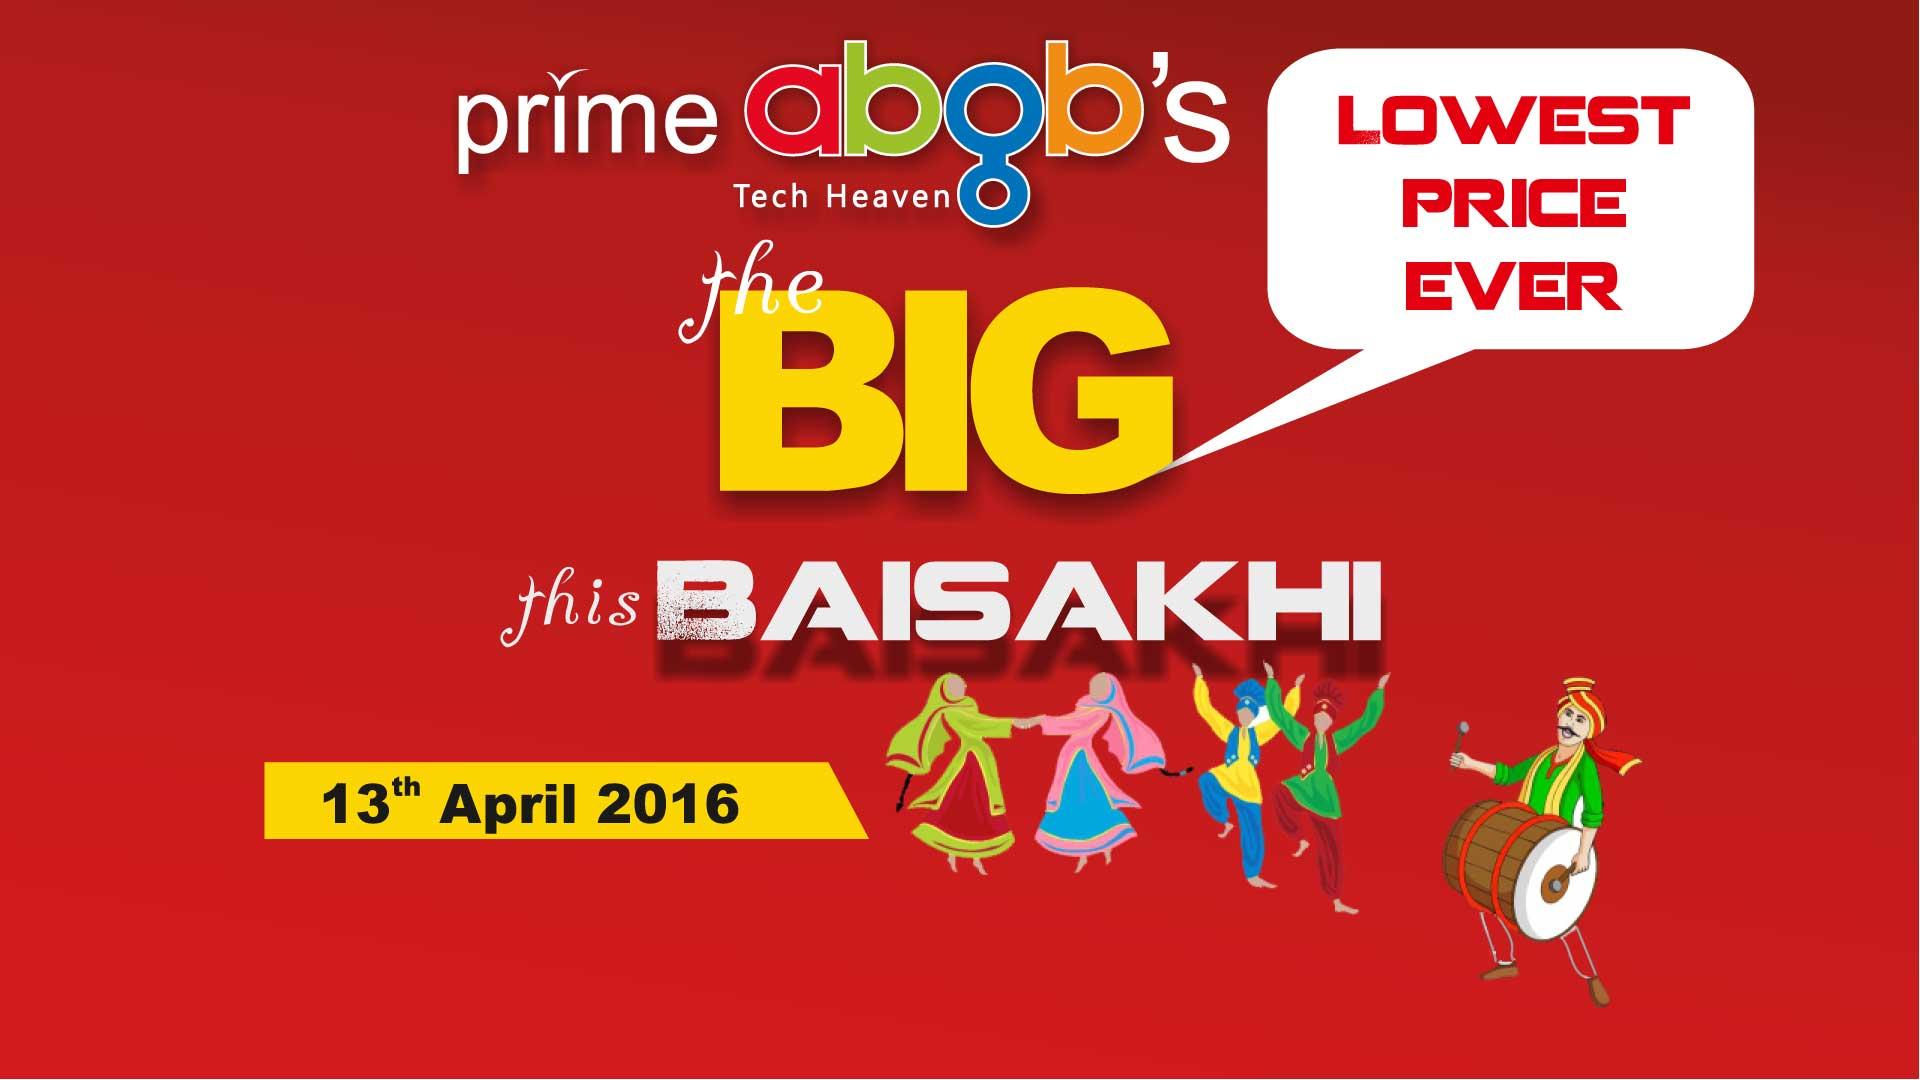 baisakhi-home-banner